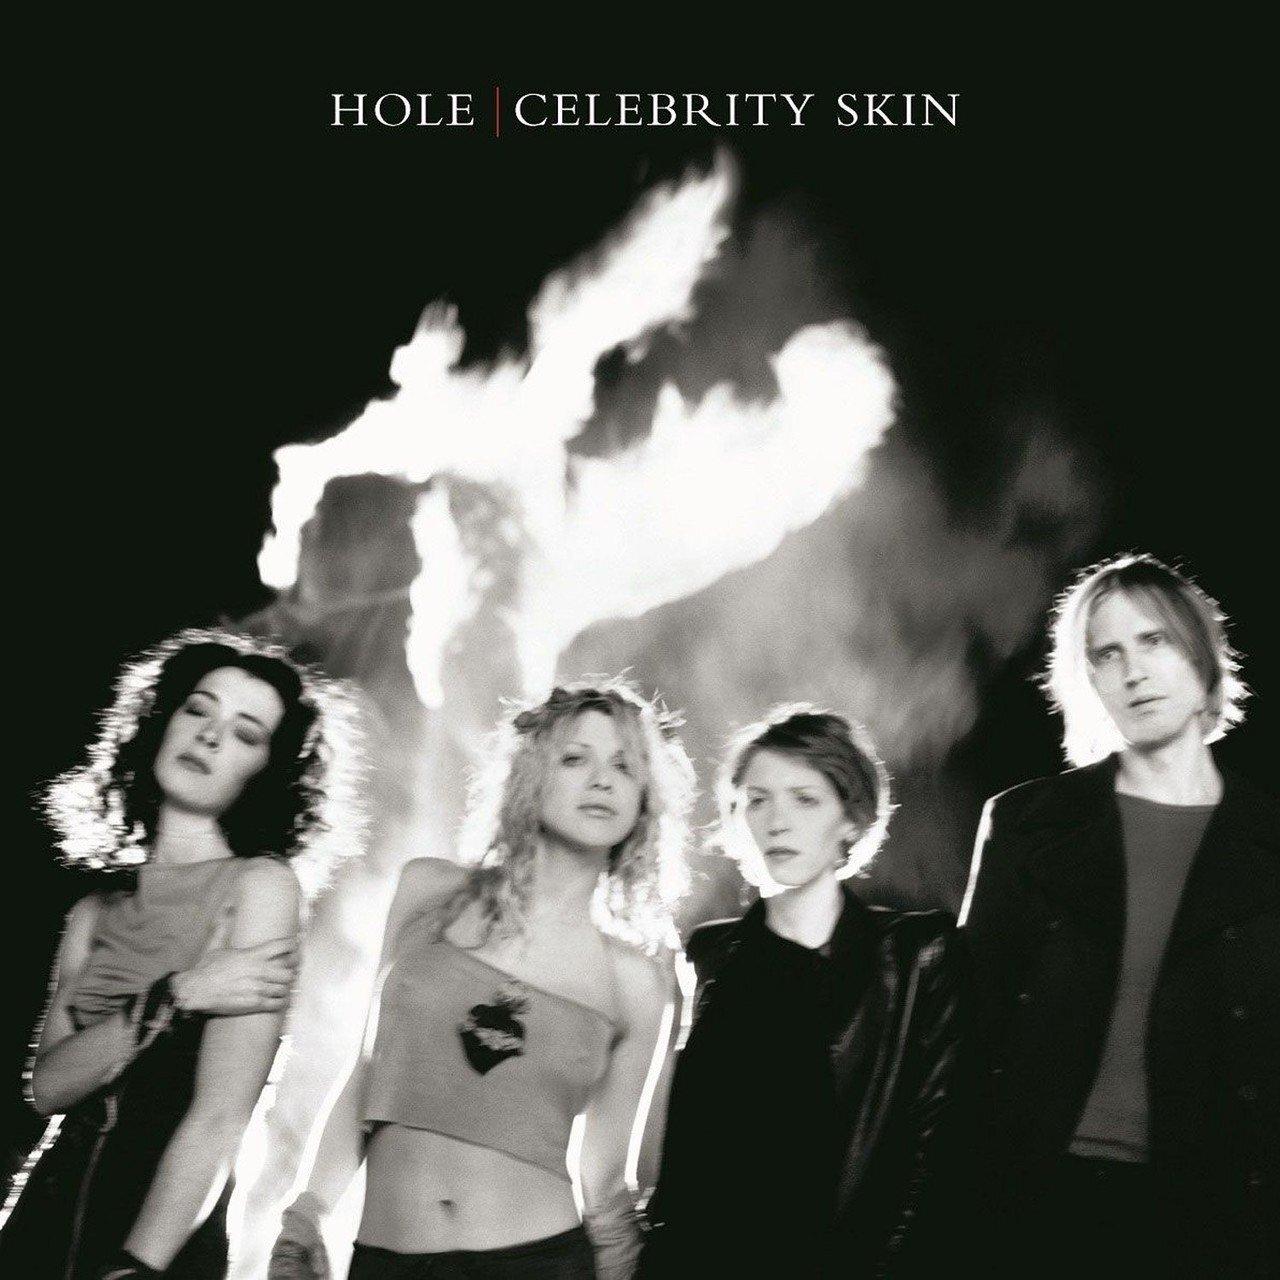 Hole Celebrity